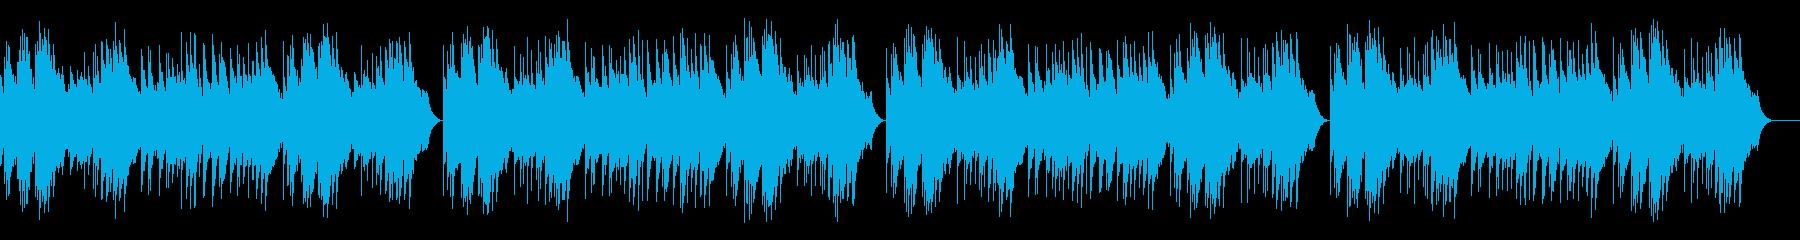 「カラスなぜなくの」オルゴールの再生済みの波形